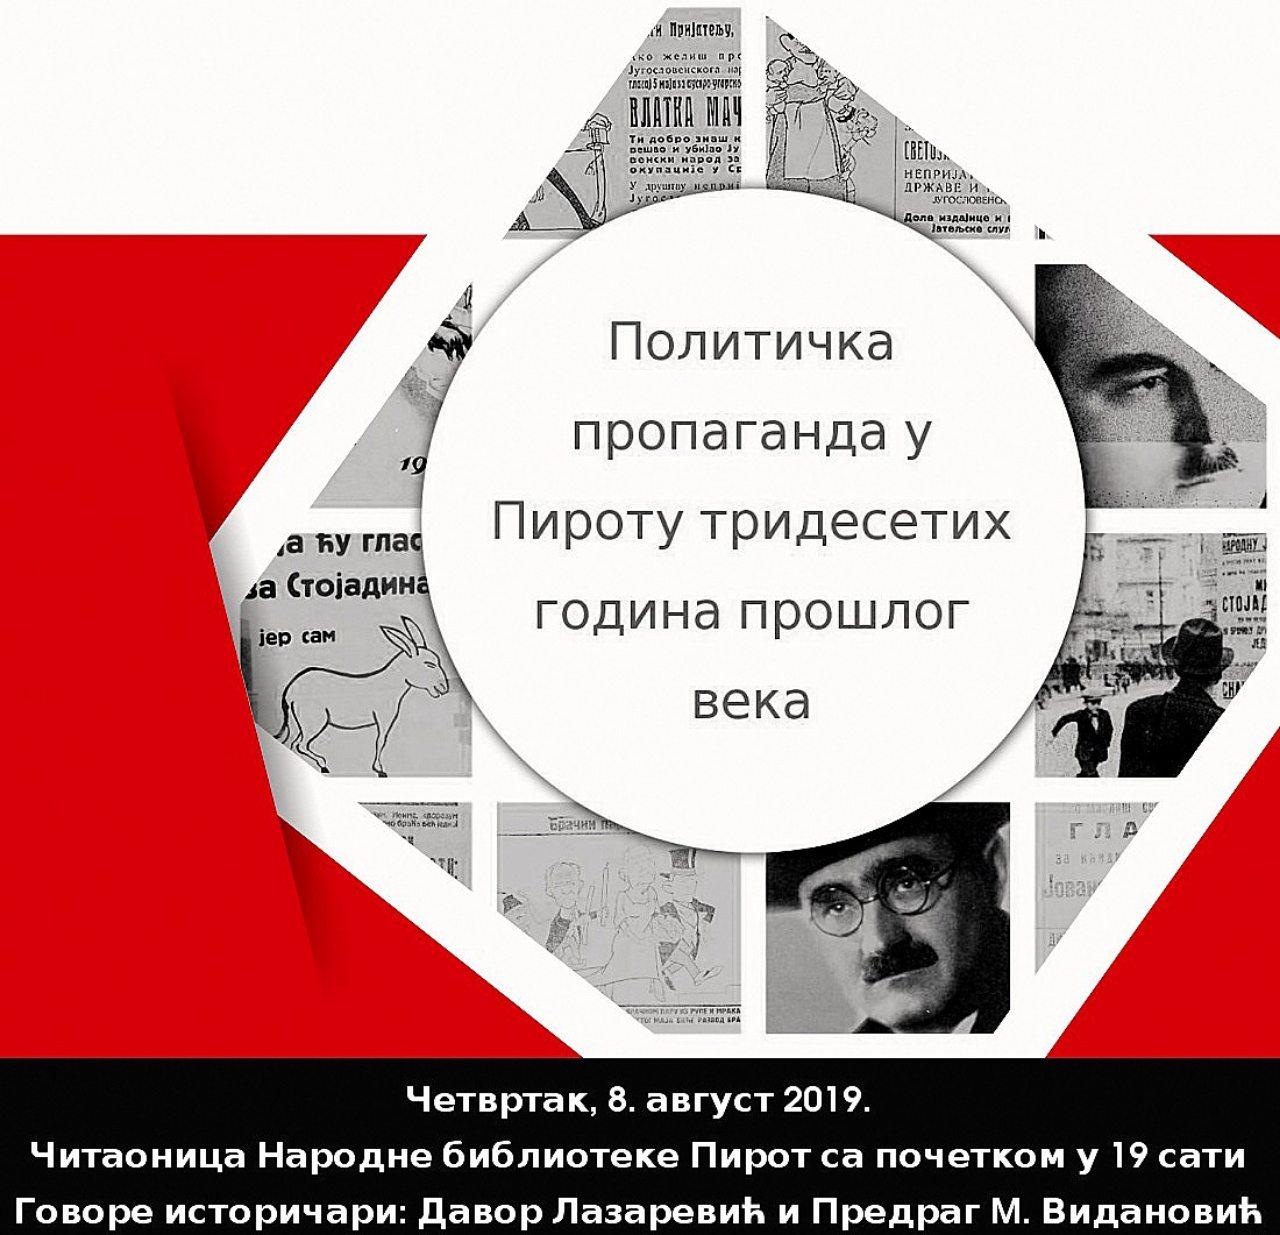 """Photo of Predavanje – """"Politička propaganda u Pirotu, tridesetih godina prošlog veka"""""""